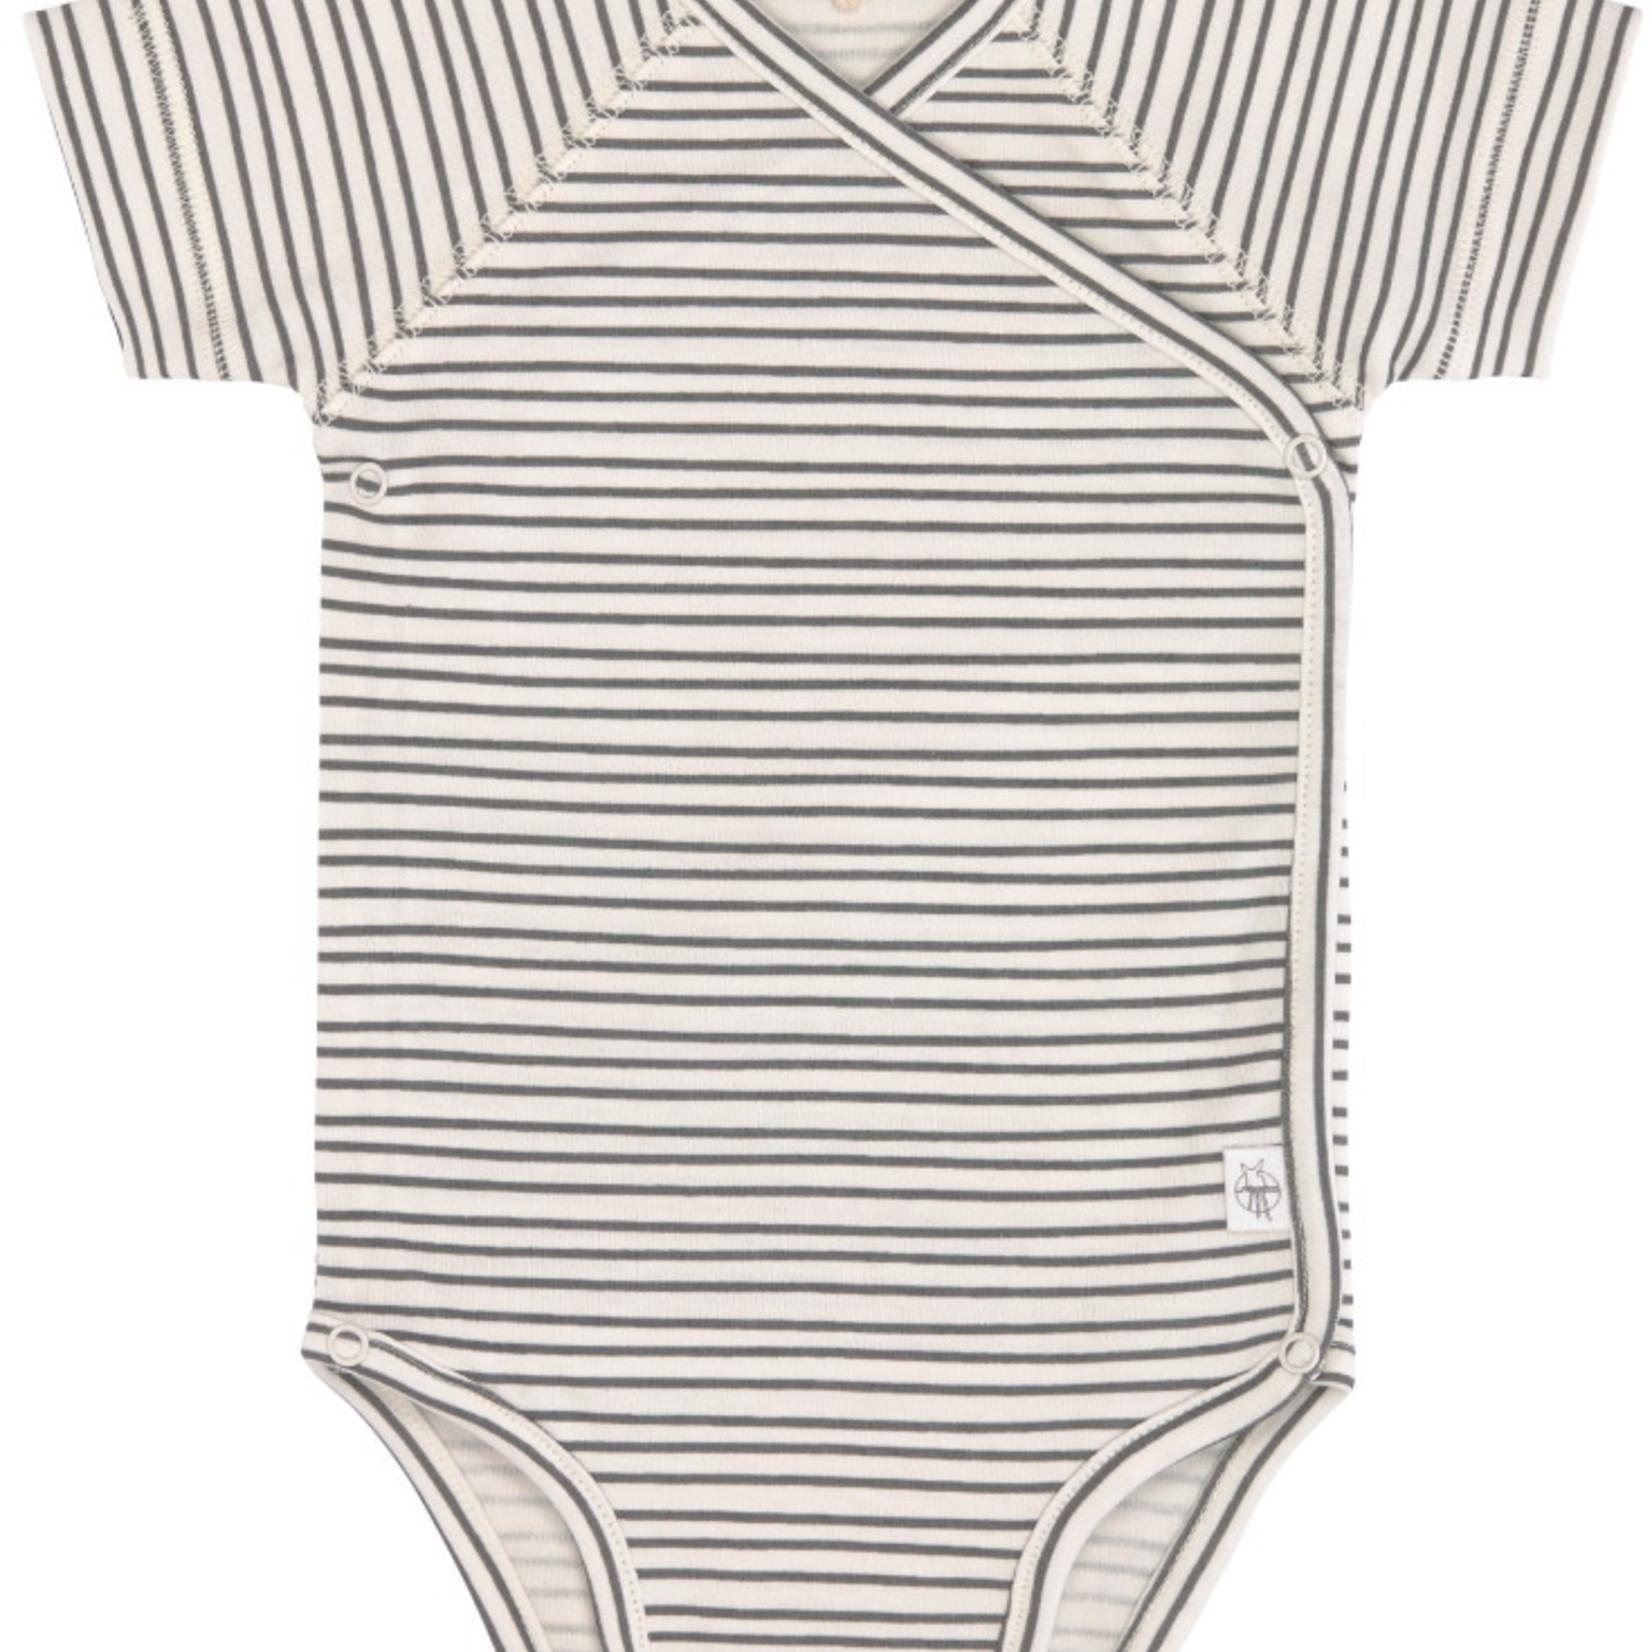 Lässig Lässig Overslagbody korte mouw Gots Striped grey/Antracite